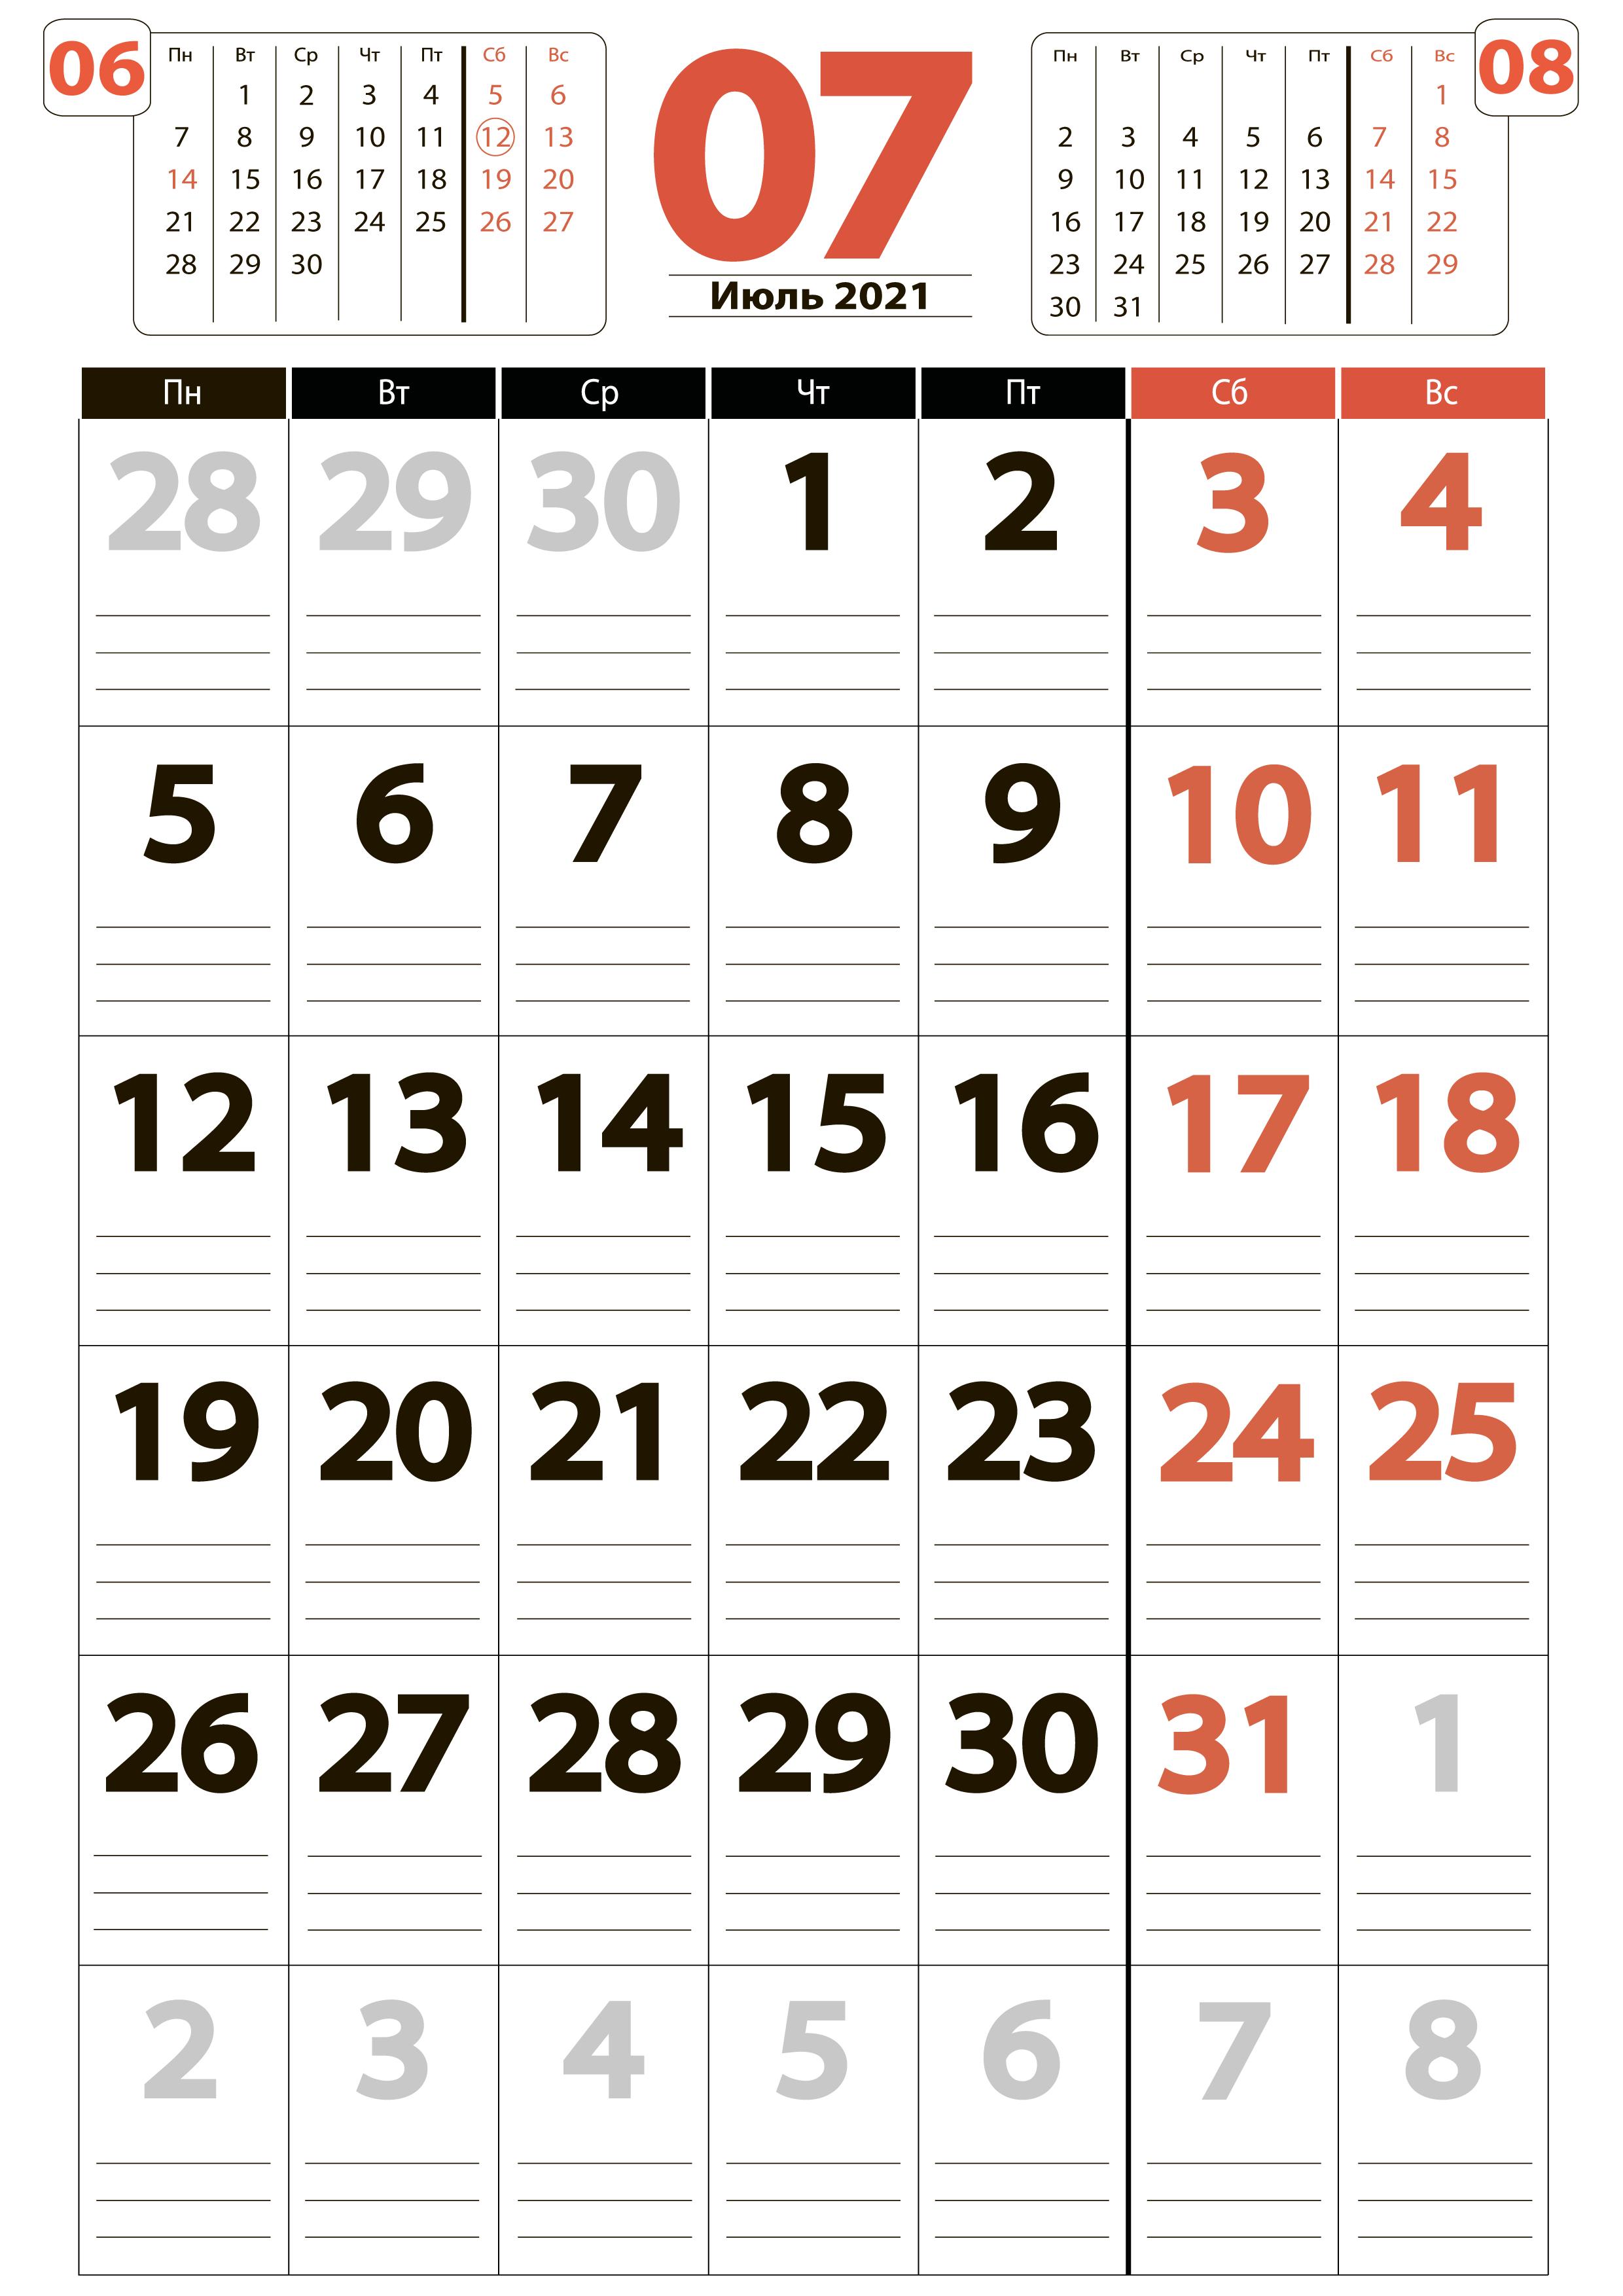 Июль 2021 - Календарь книжный формат